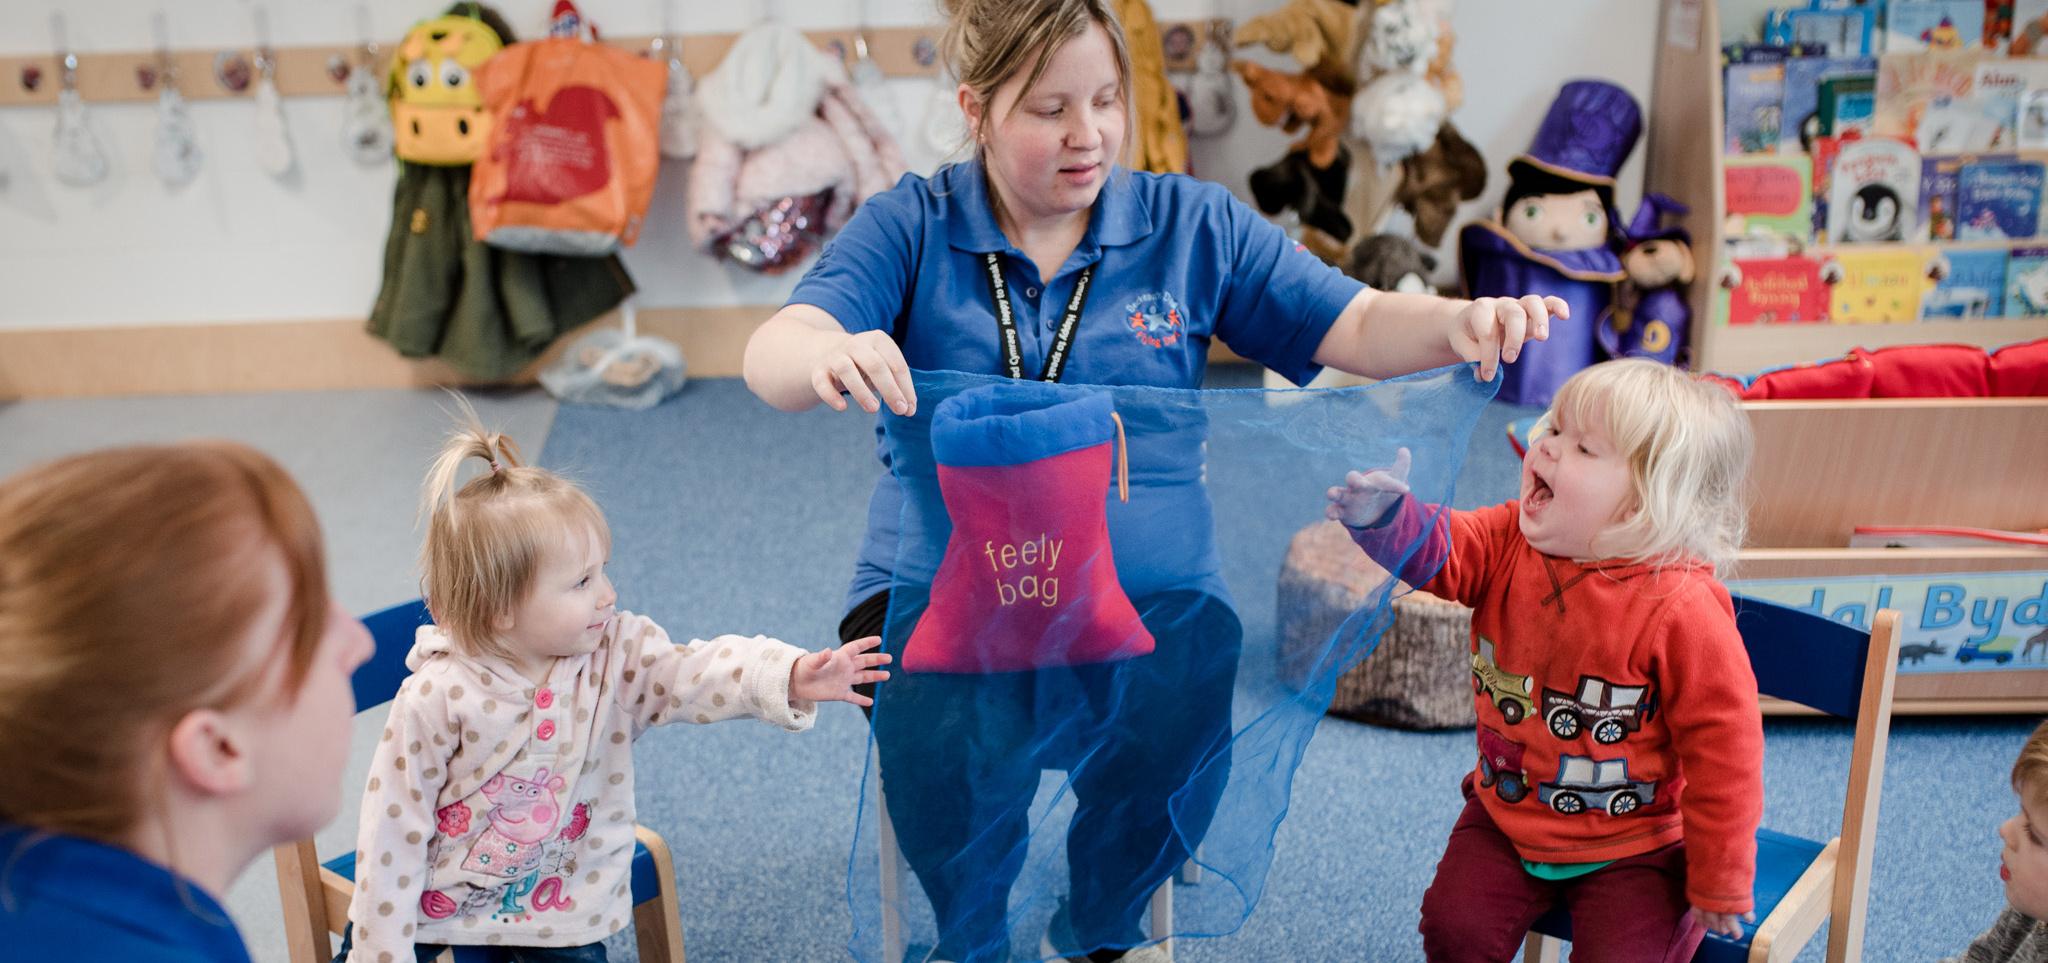 Ysgol Gymunedol playing children